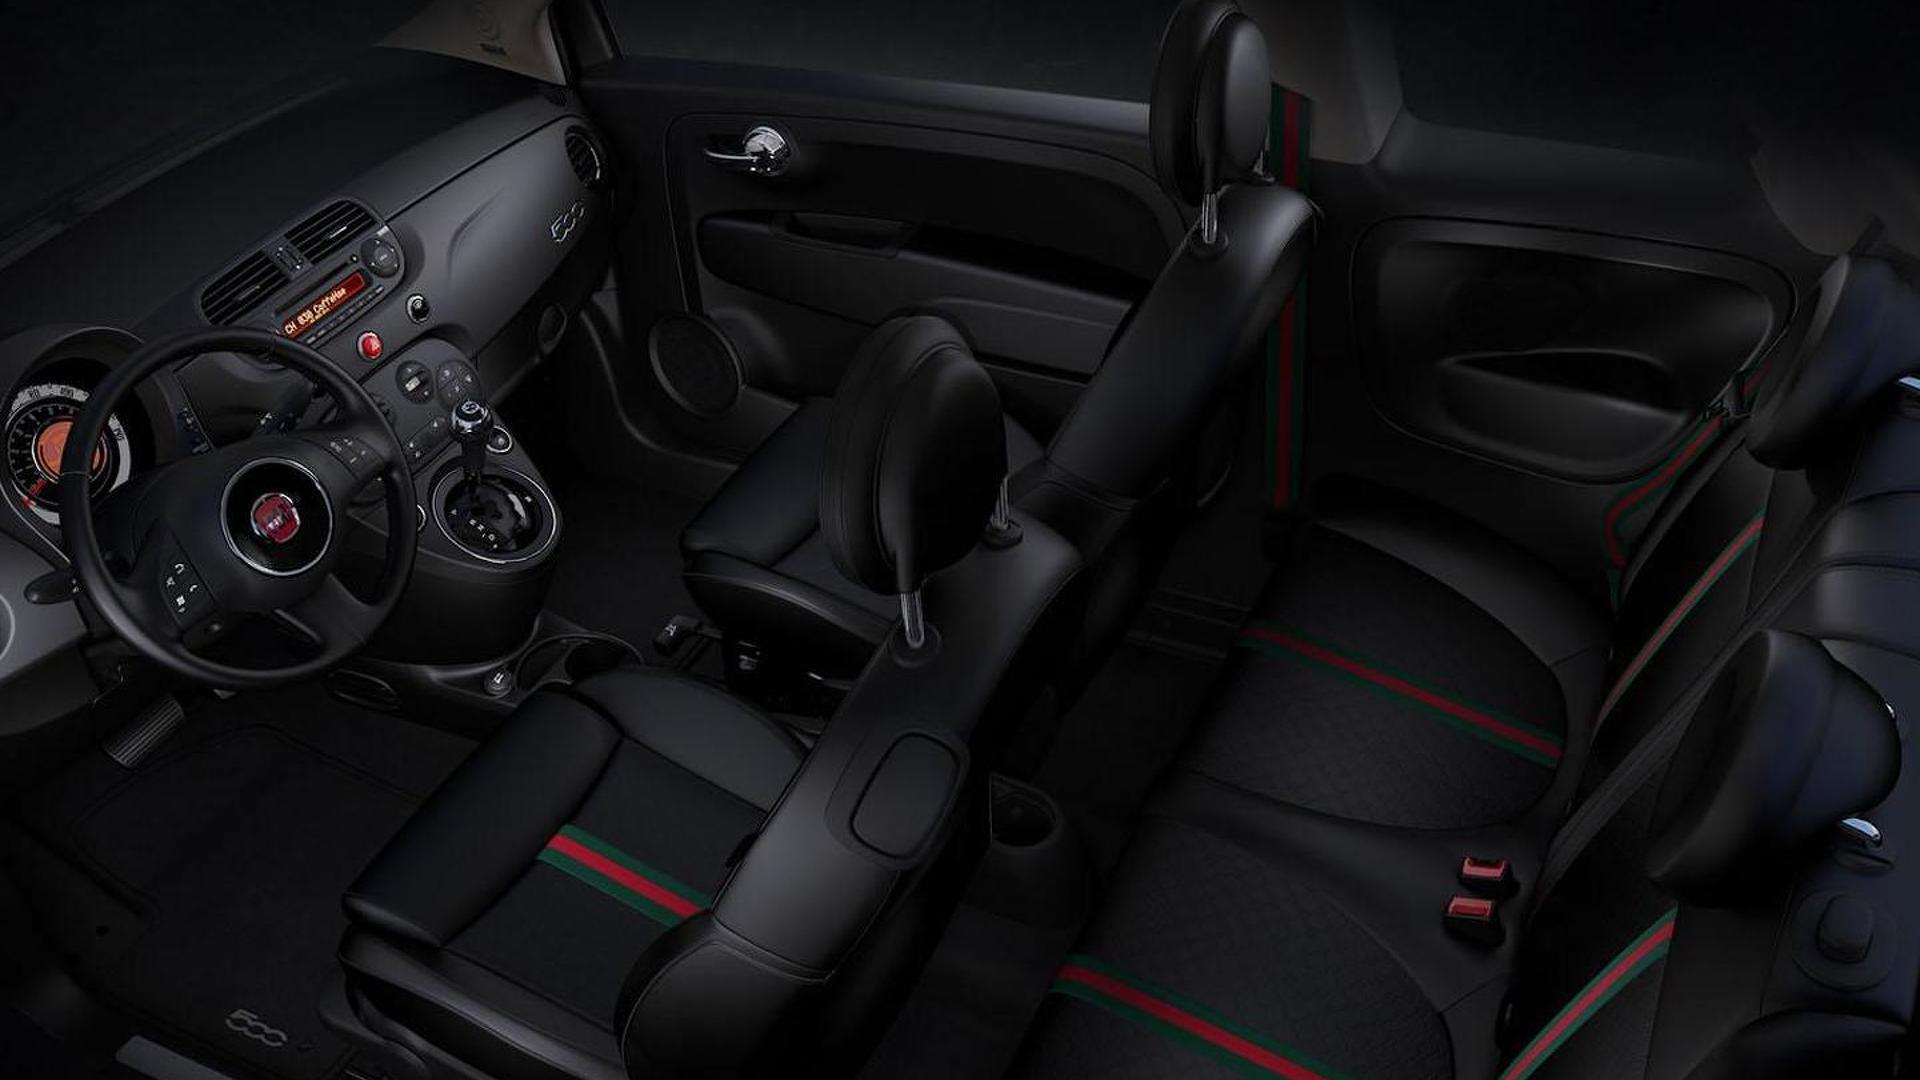 6069fc180b204 2013 Fiat 500 Gucci Edition announced